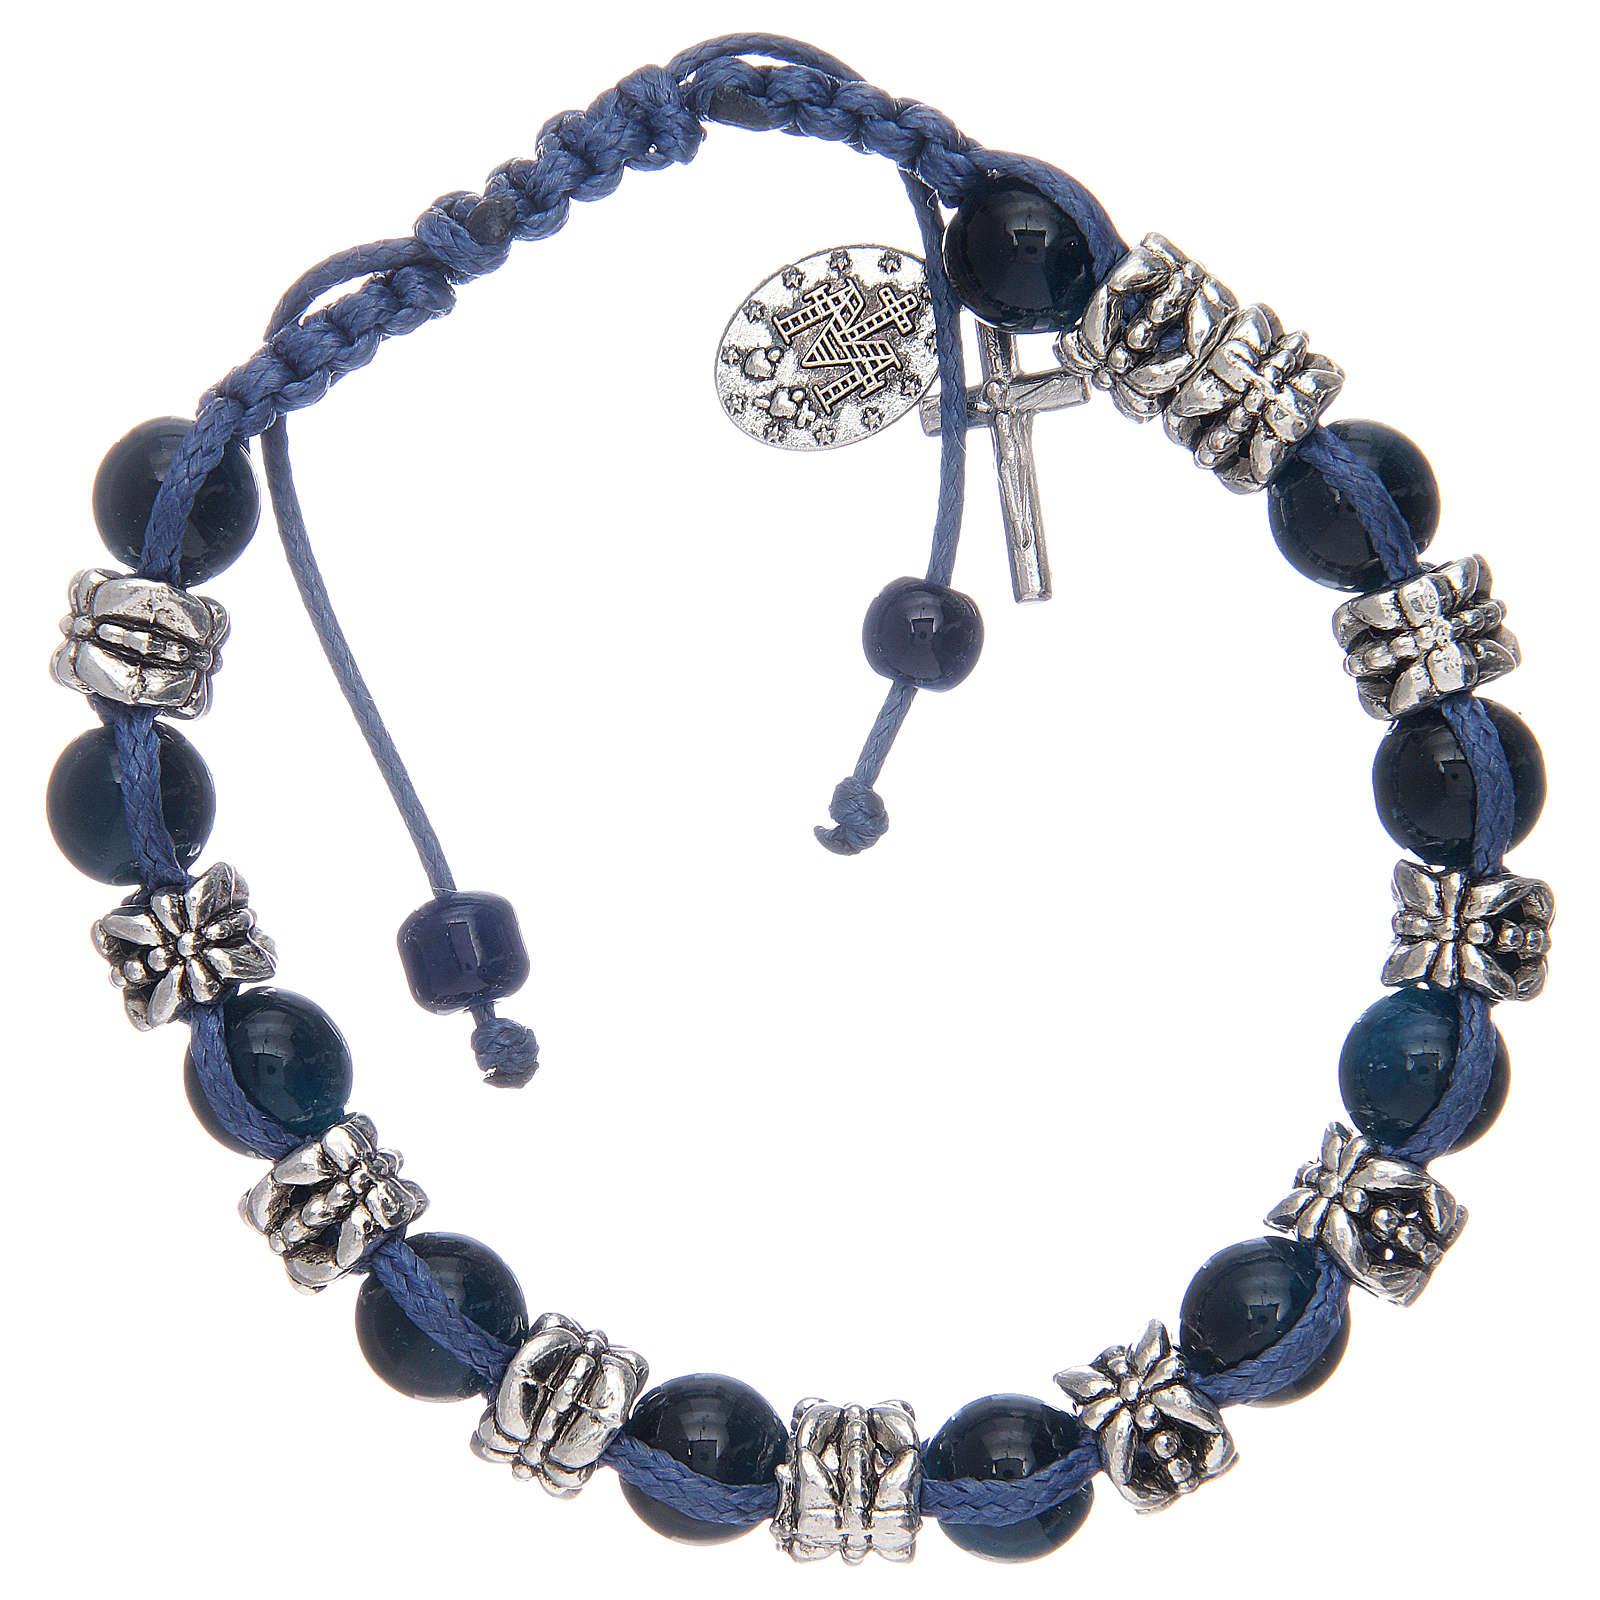 Bracelet avec grains en verre et métal sur corde bleu 4